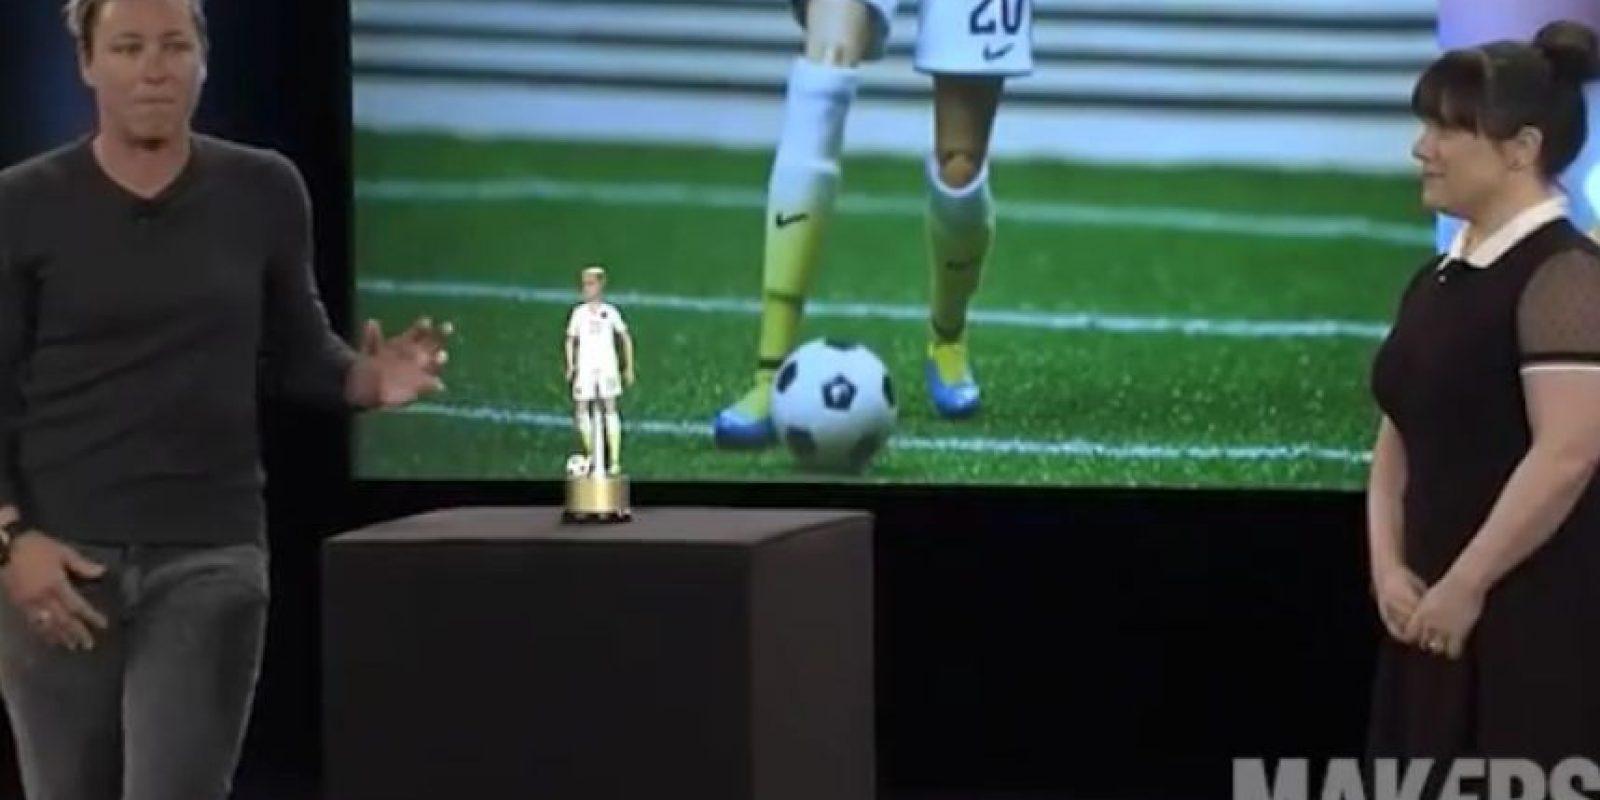 El juguete está inspirado en la futbolista estadounidense Abby Wambach. Foto:Vía instagram.com/makerswome